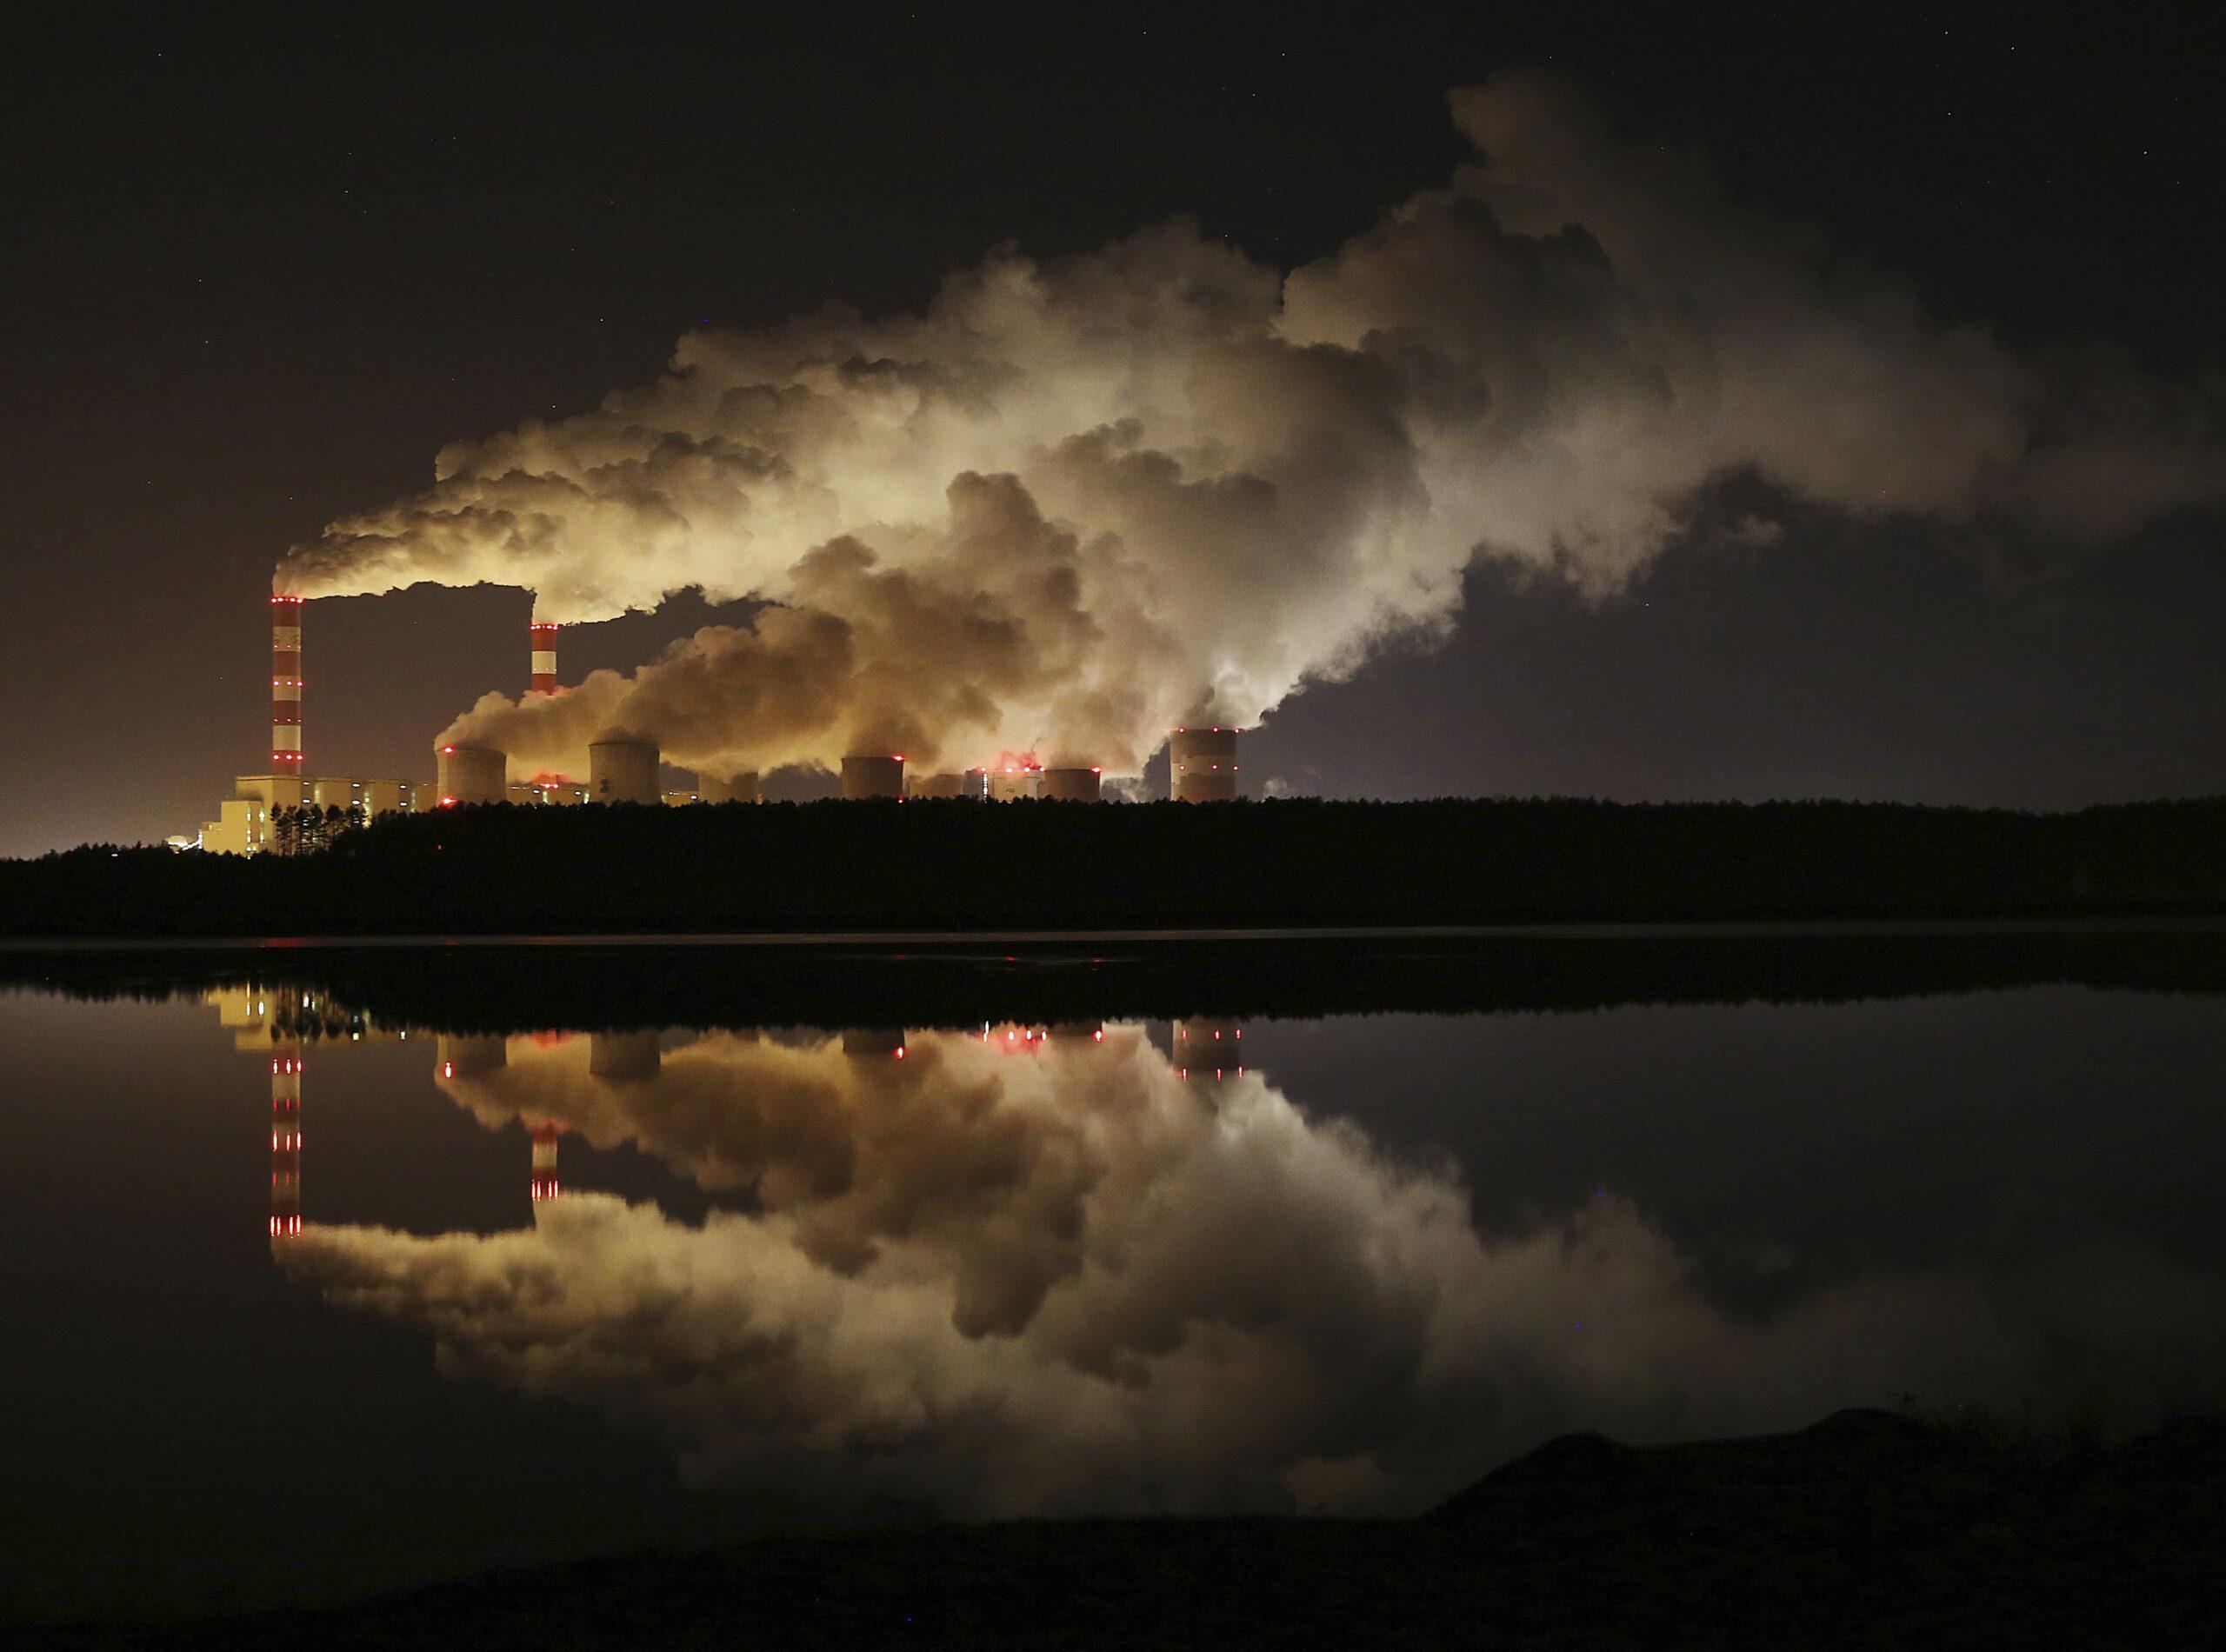 Il dilemma dei permessi di inquinamento sulla transizione energetica Ue